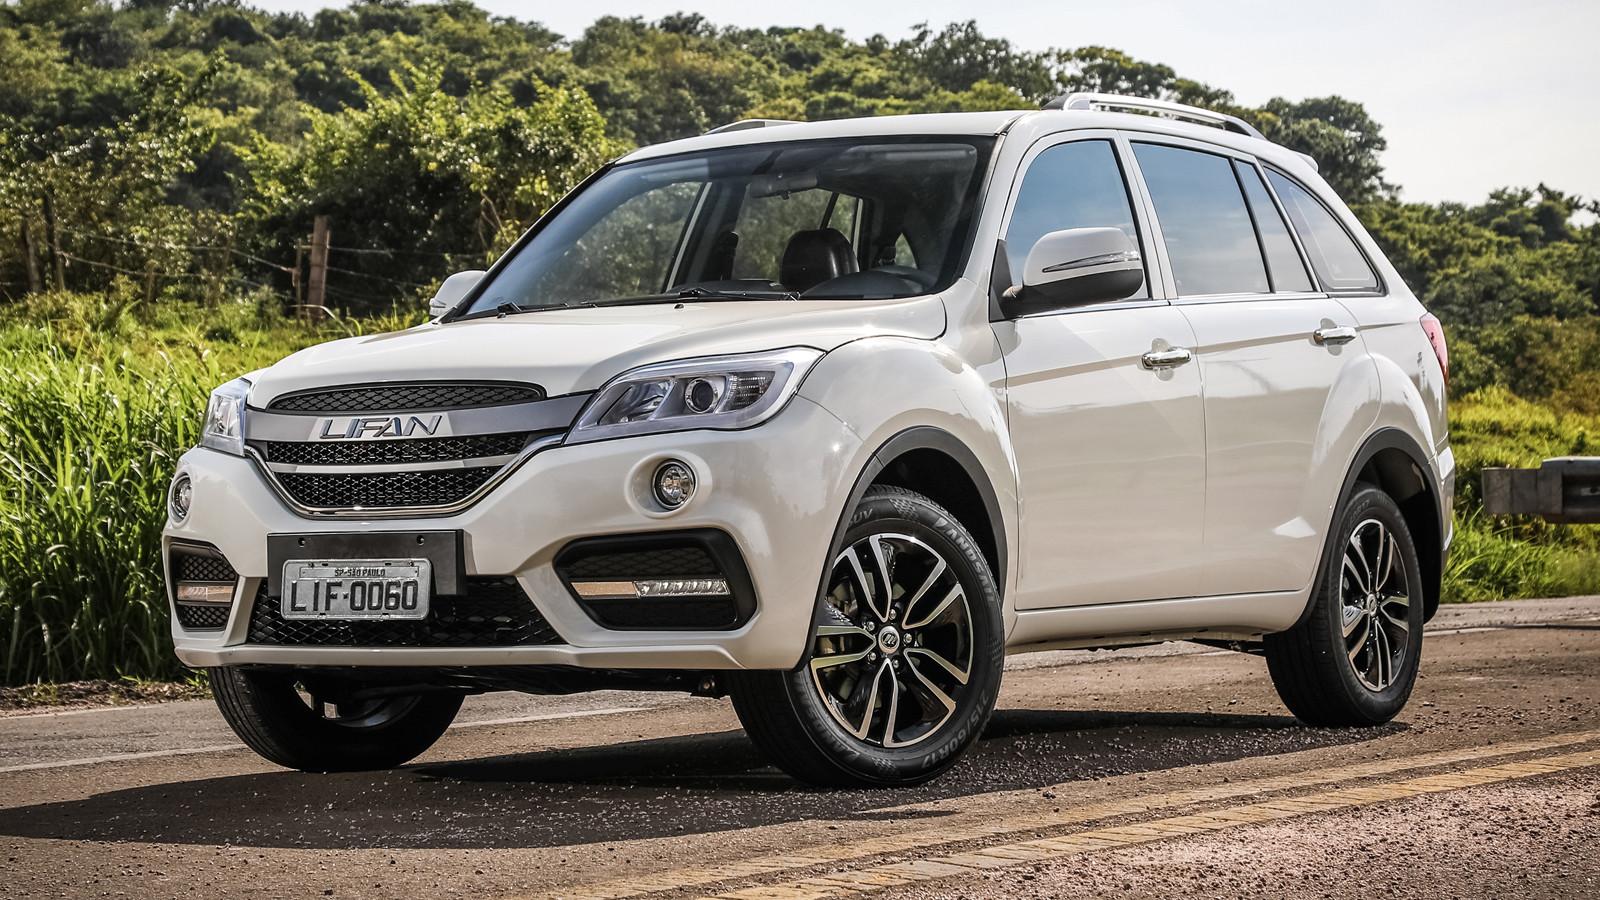 Ряд китайских производителей автомобилей освободился отпошлин в Российской Федерации